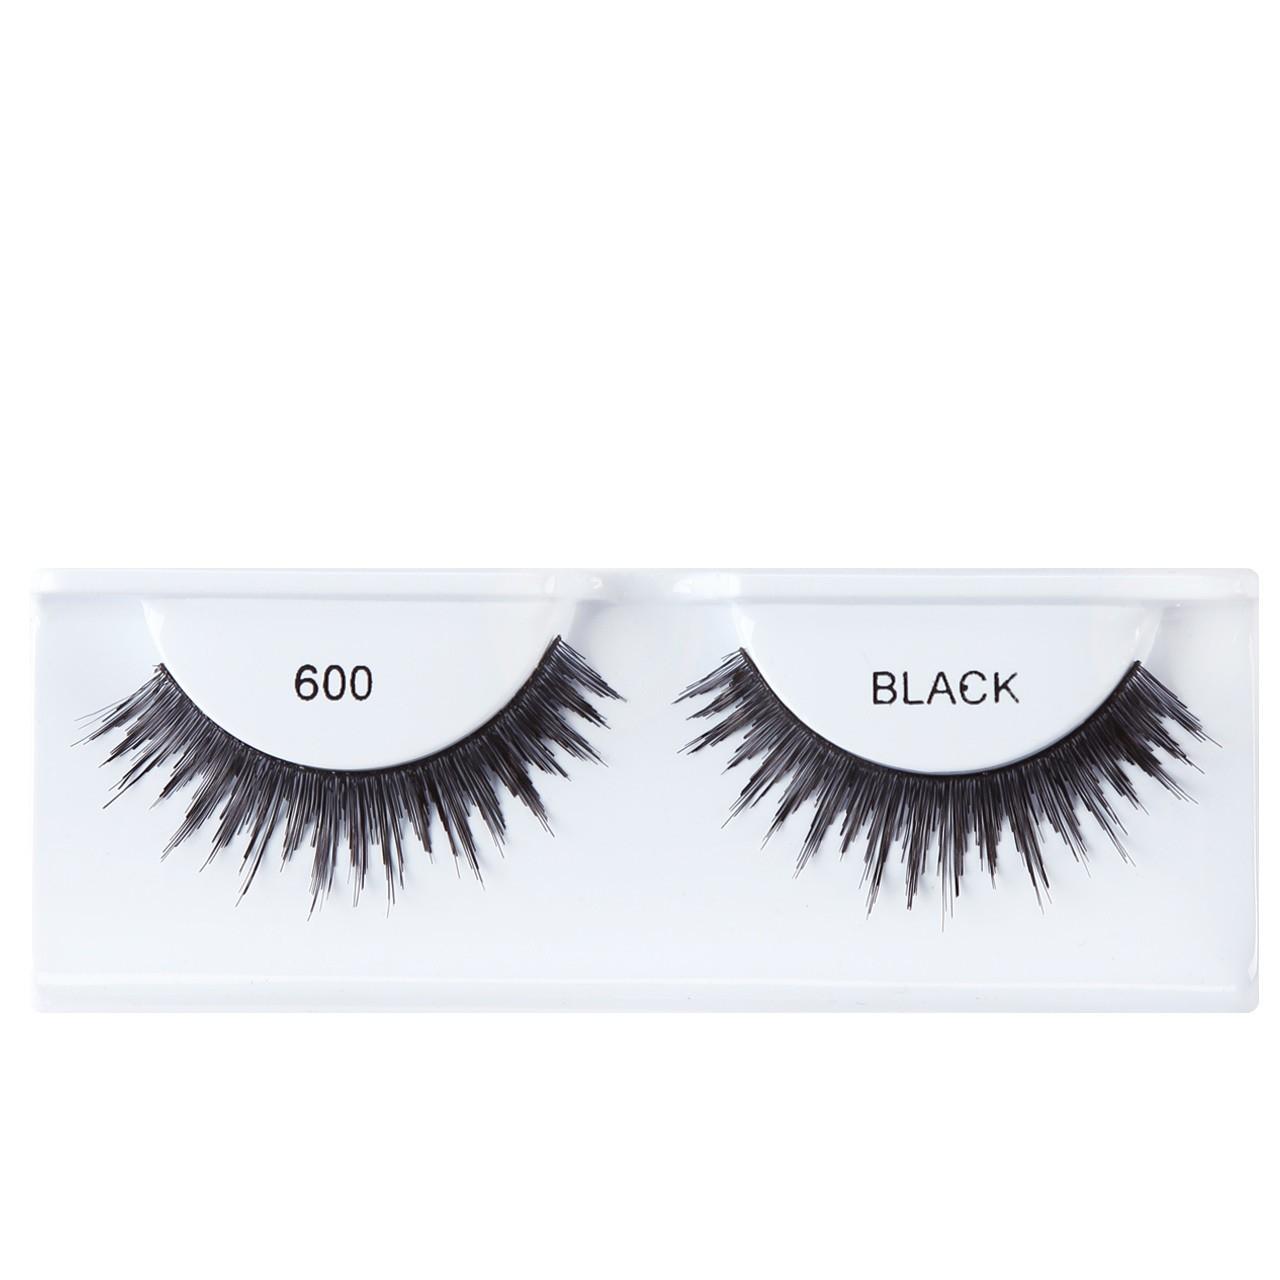 1c684fce1b0 Cala False Eyelashes - Premium Natural Glamour Lashes #600 ...